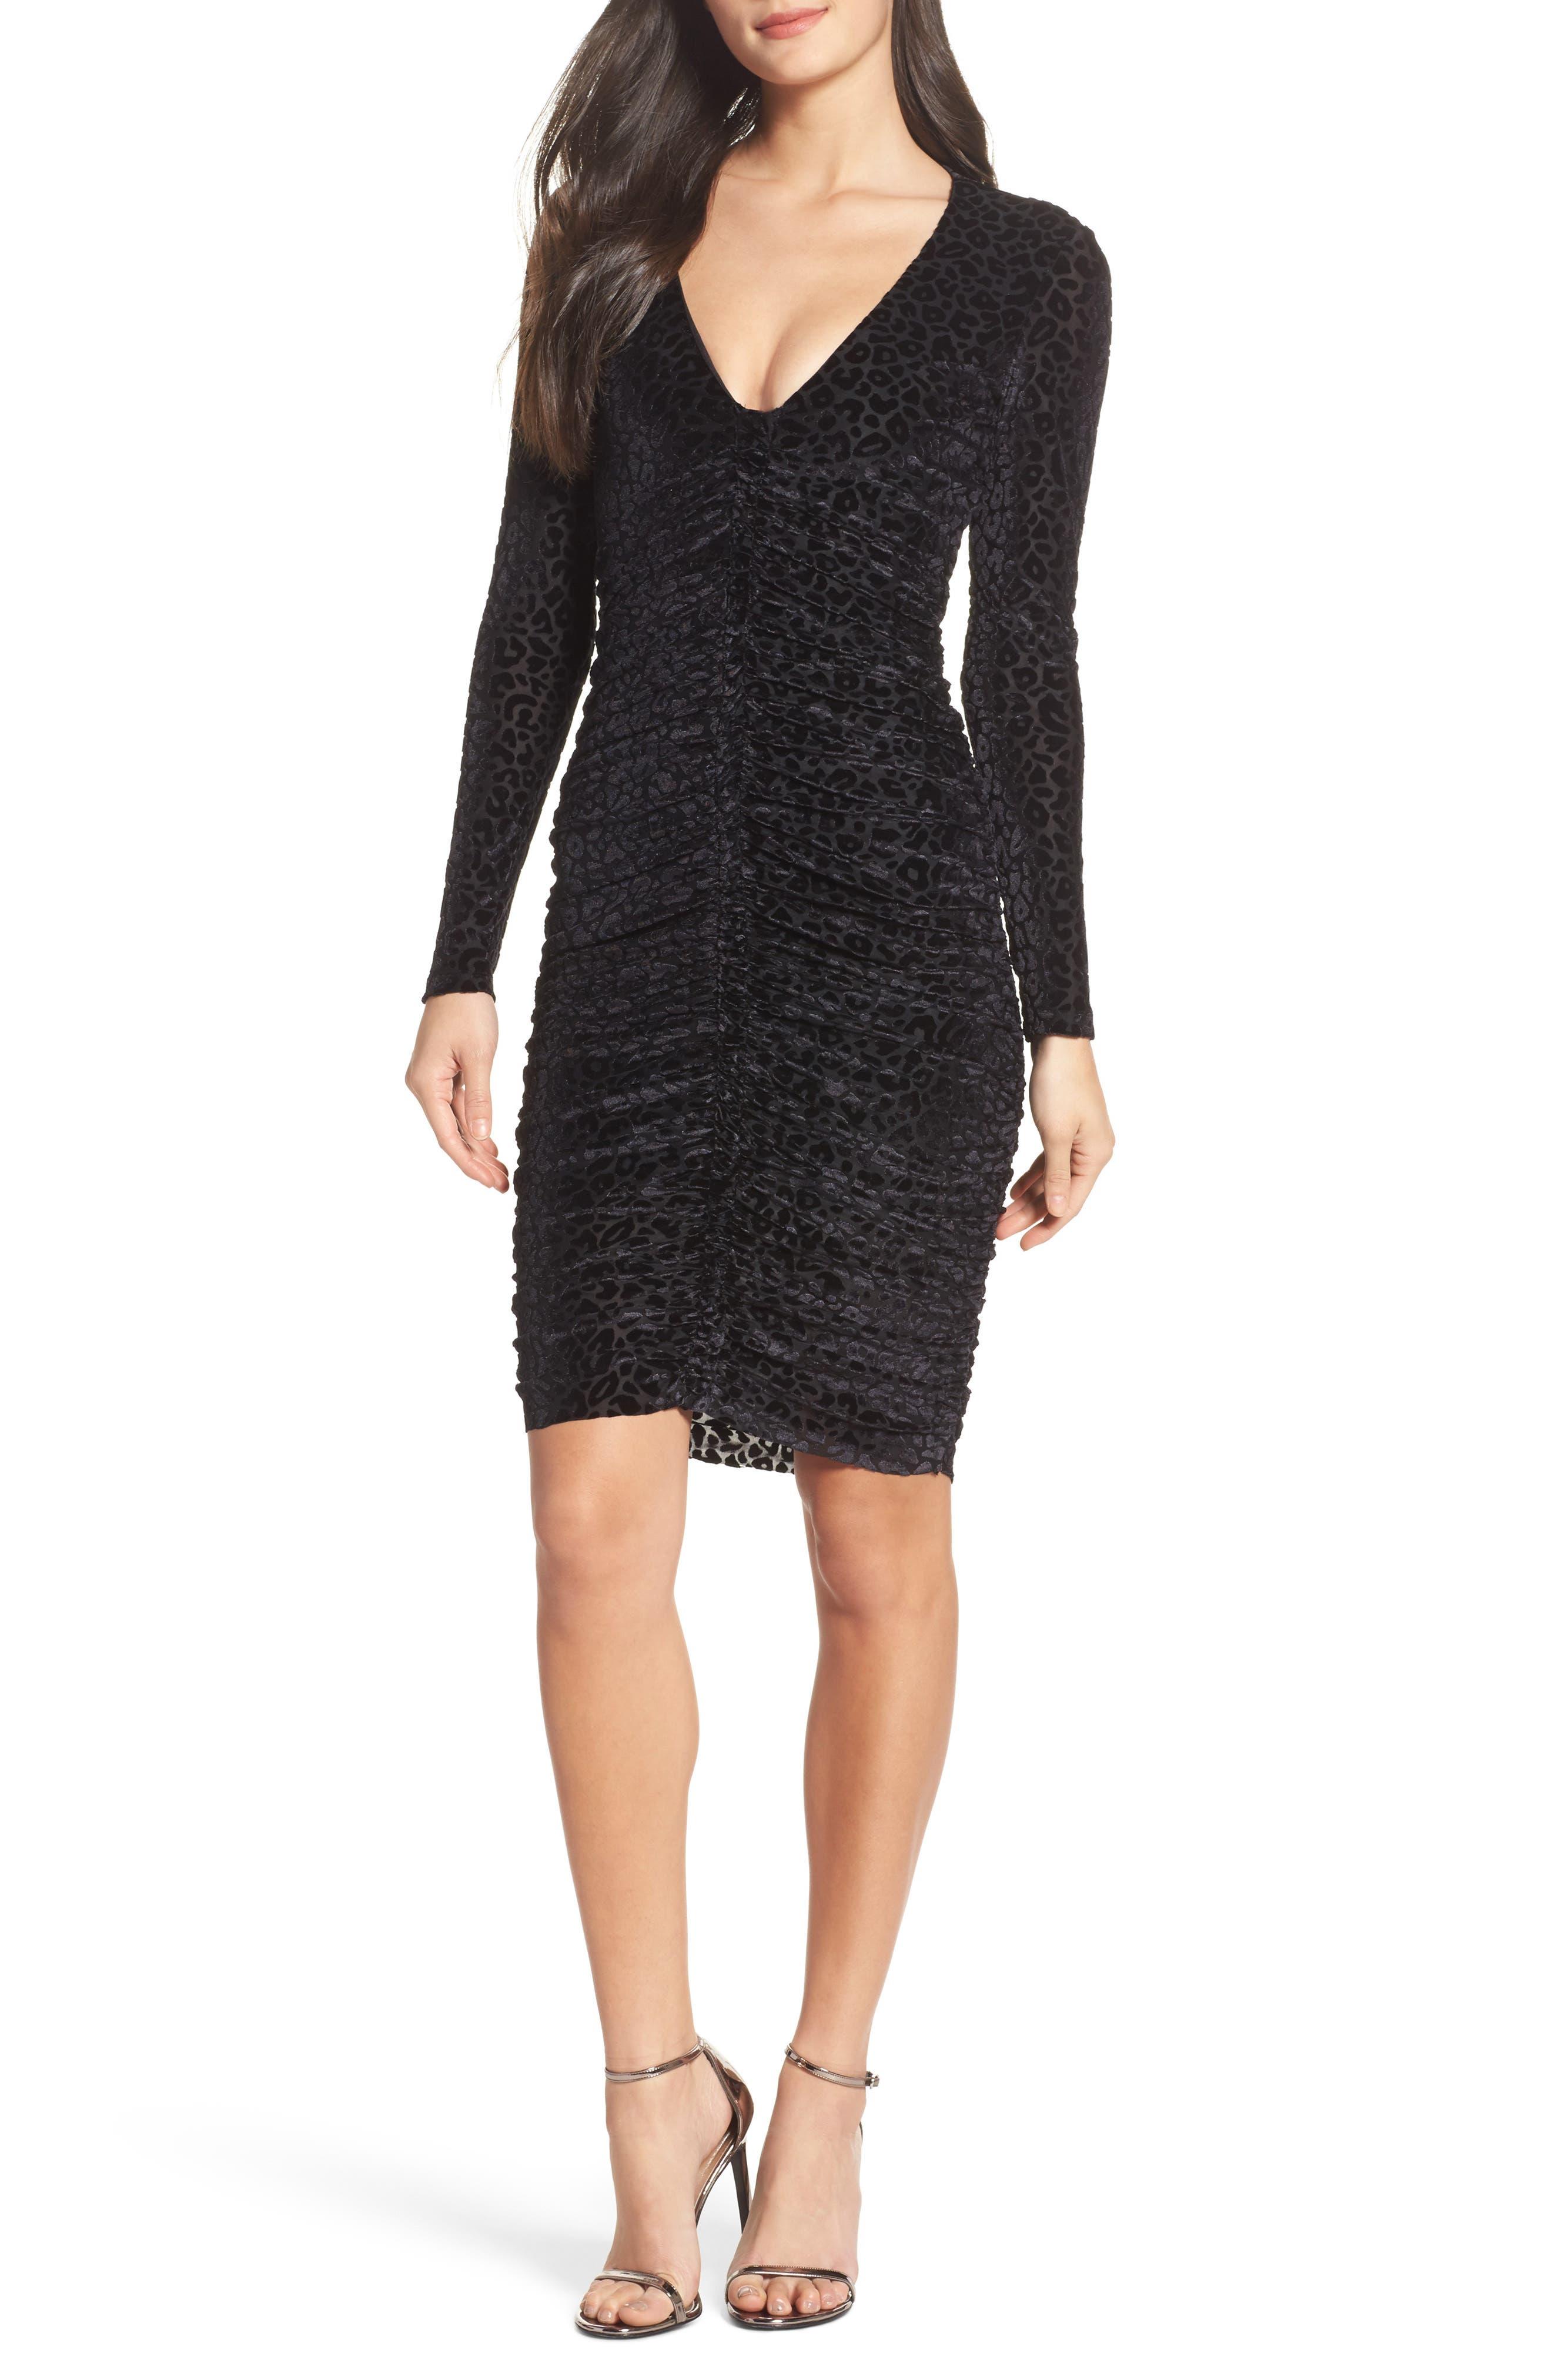 Alternate Image 1 Selected - Bardot Leopard Velvet Mesh Body-Con Dress